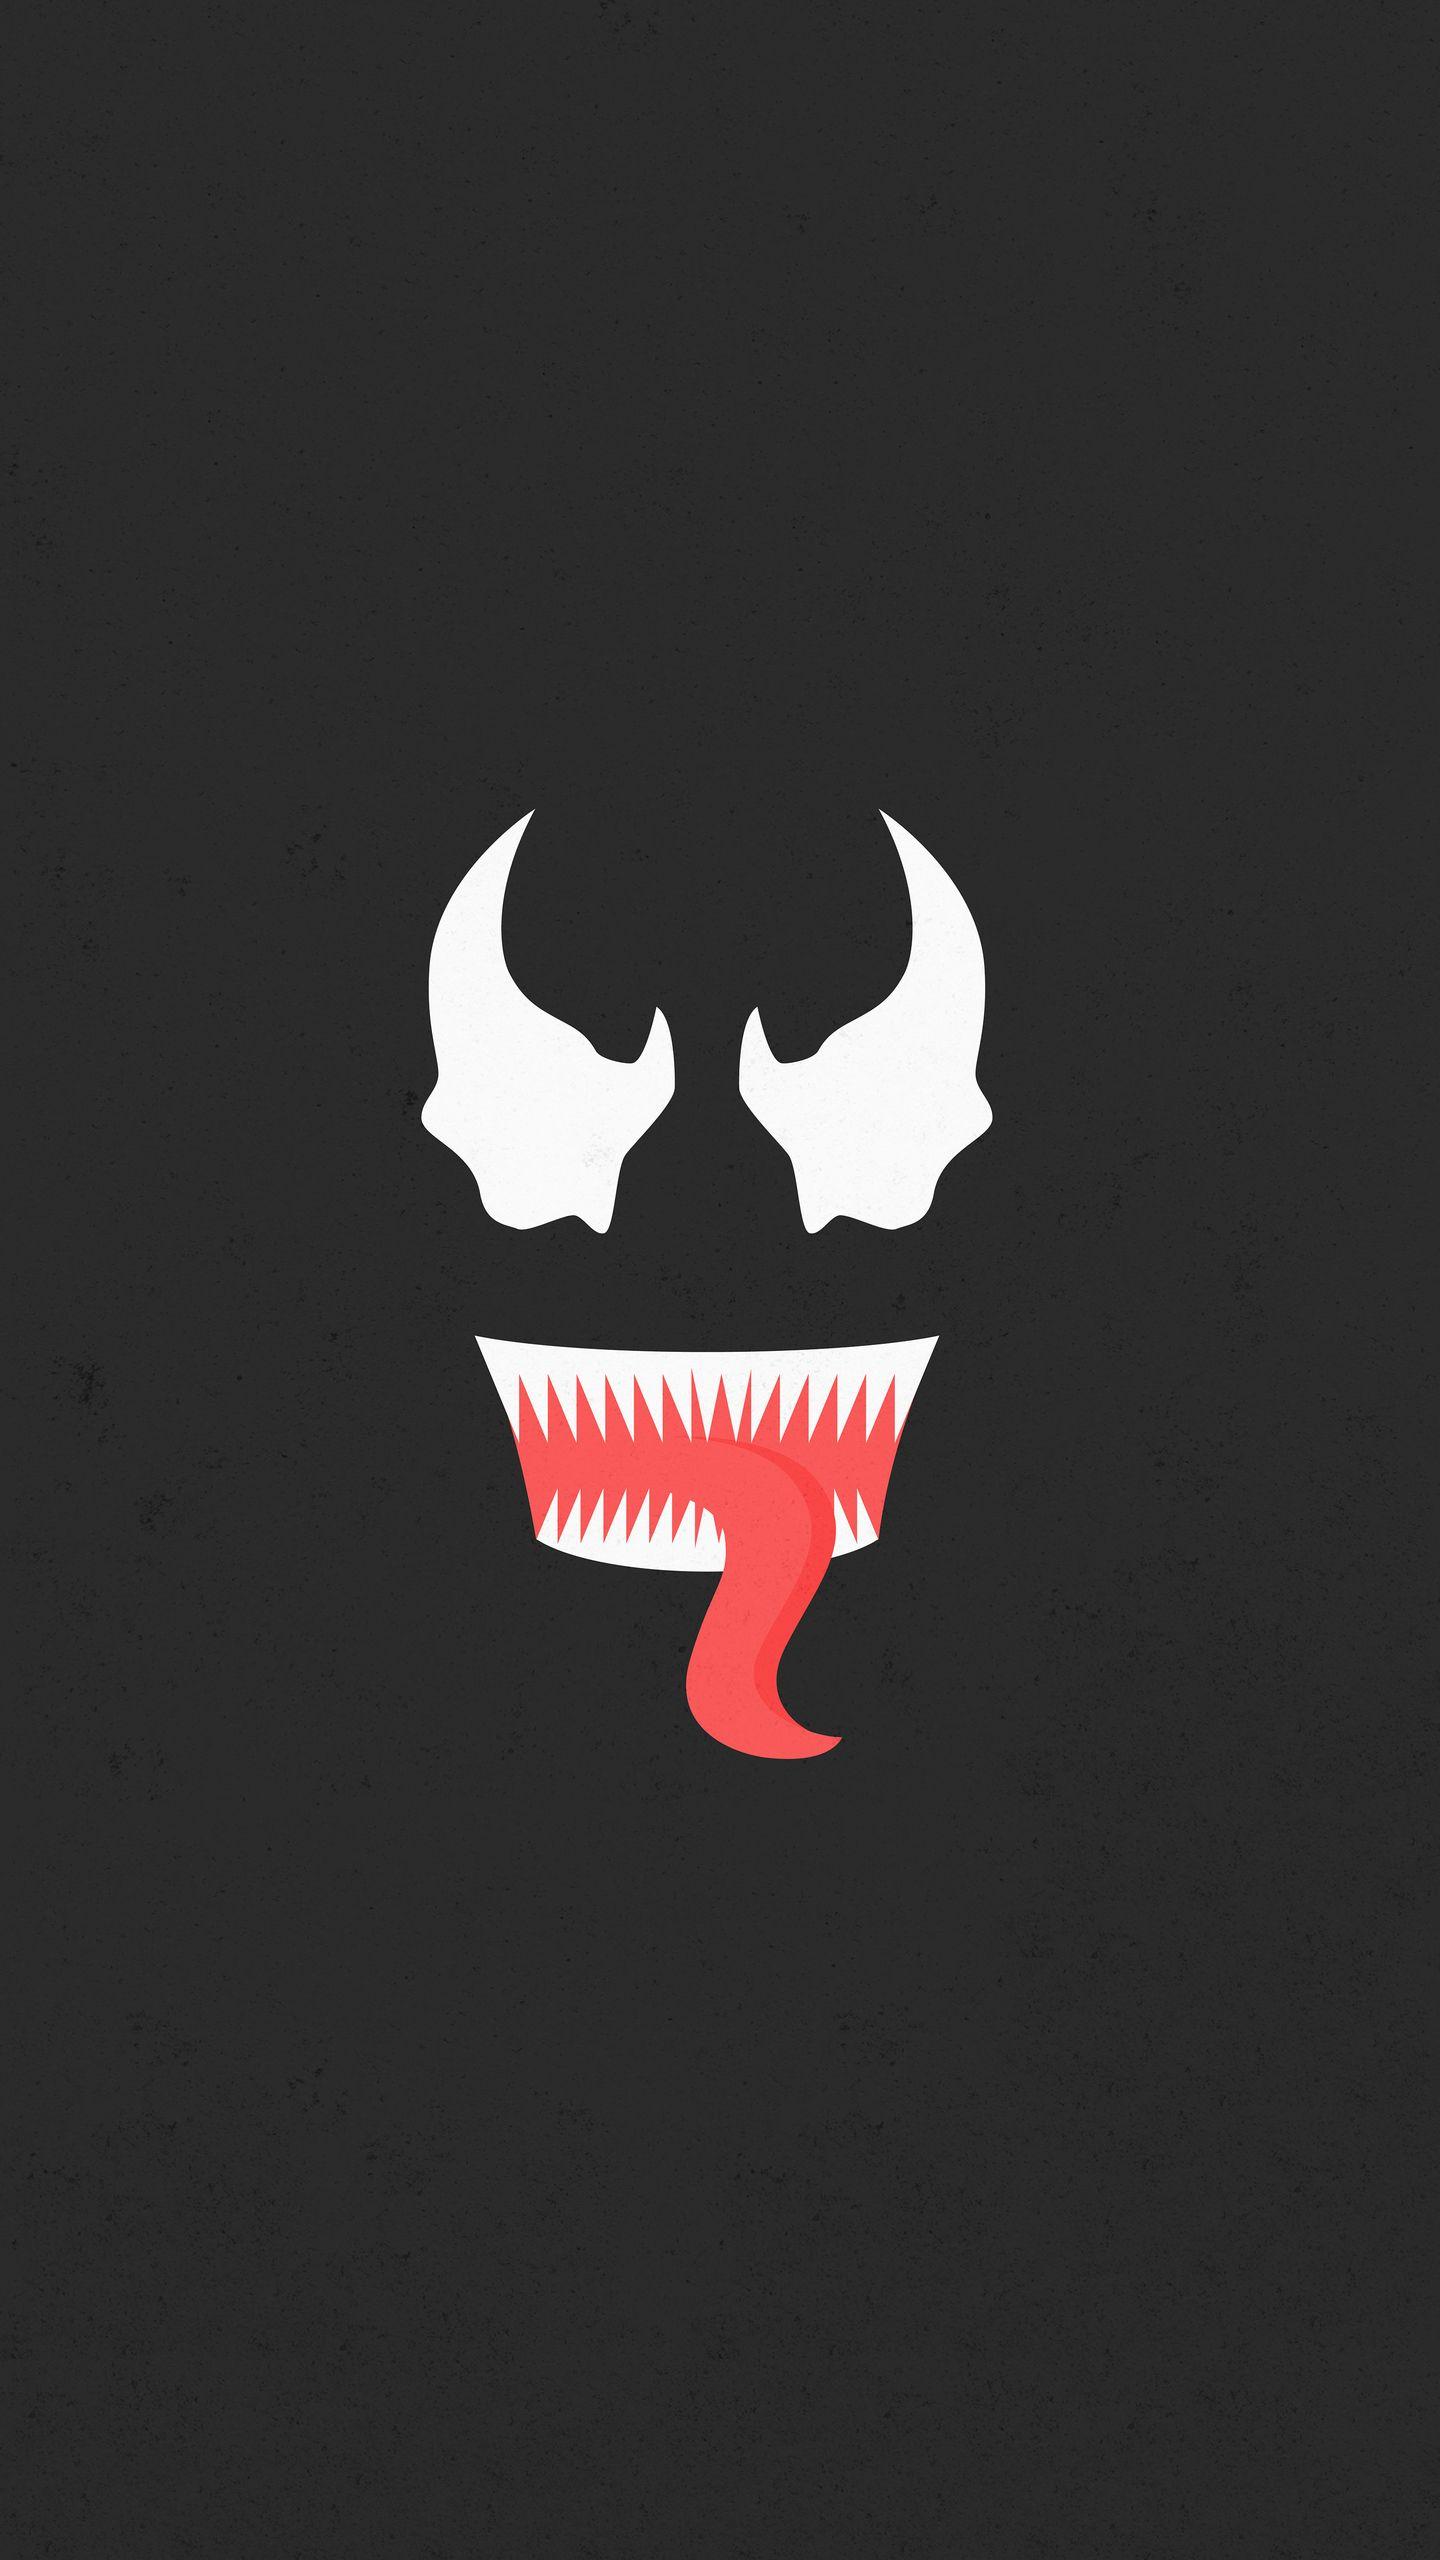 Top Venom Wallpapers For Your Iphone Wallpaper Venom Wallpaper